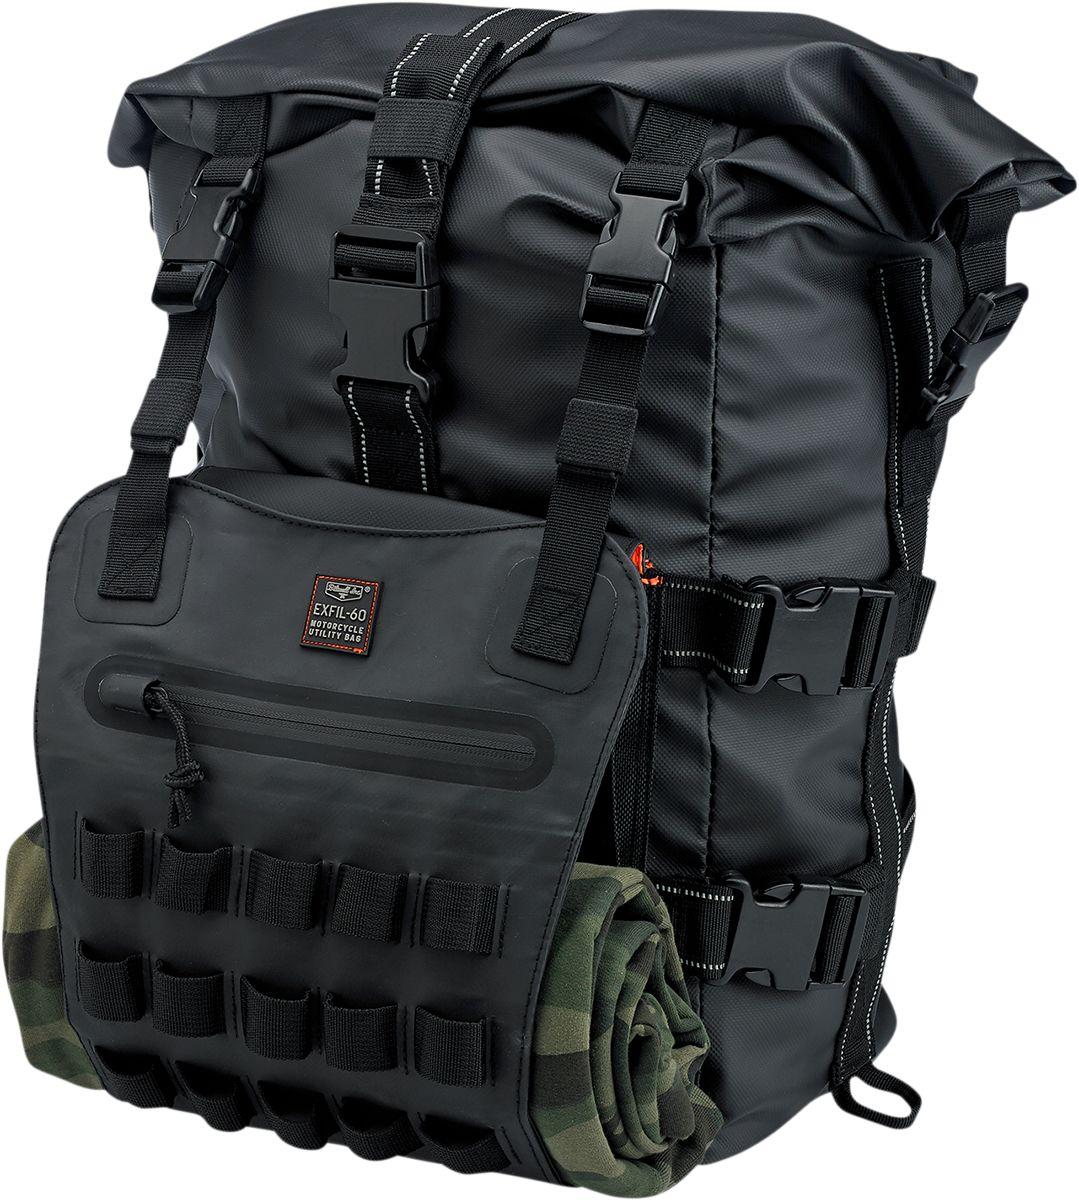 BAG MOTORCYCLE EXFIL-60 B